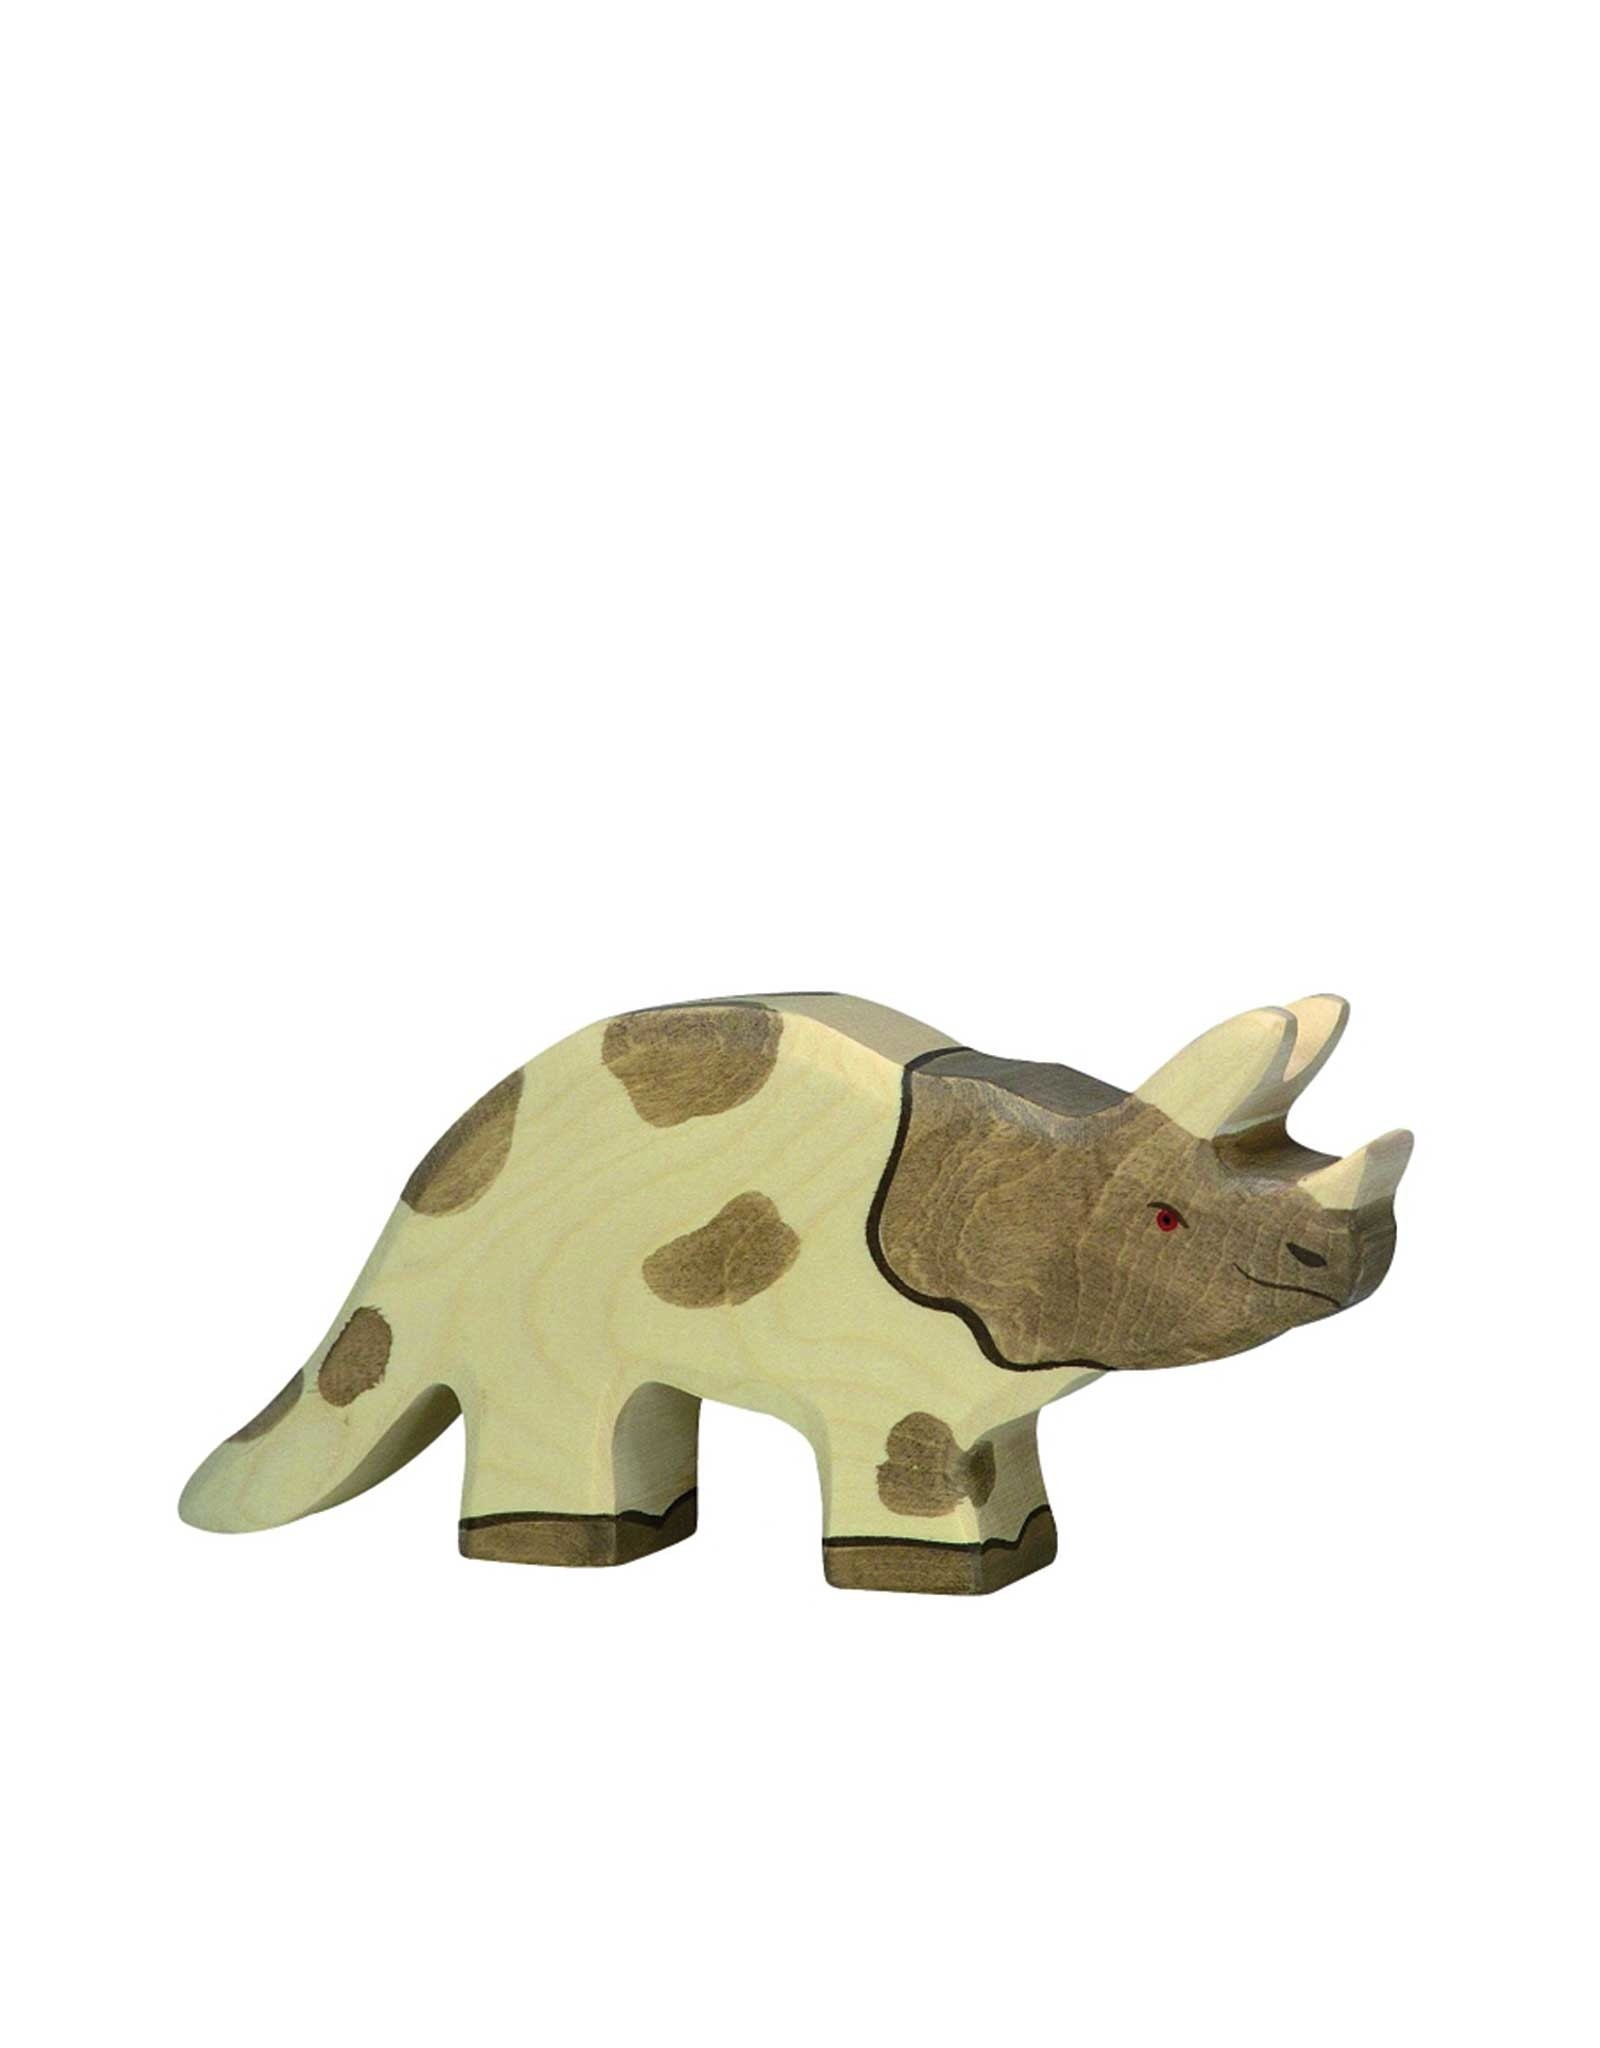 Holztiger Wooden Dinosaur - Triceratops